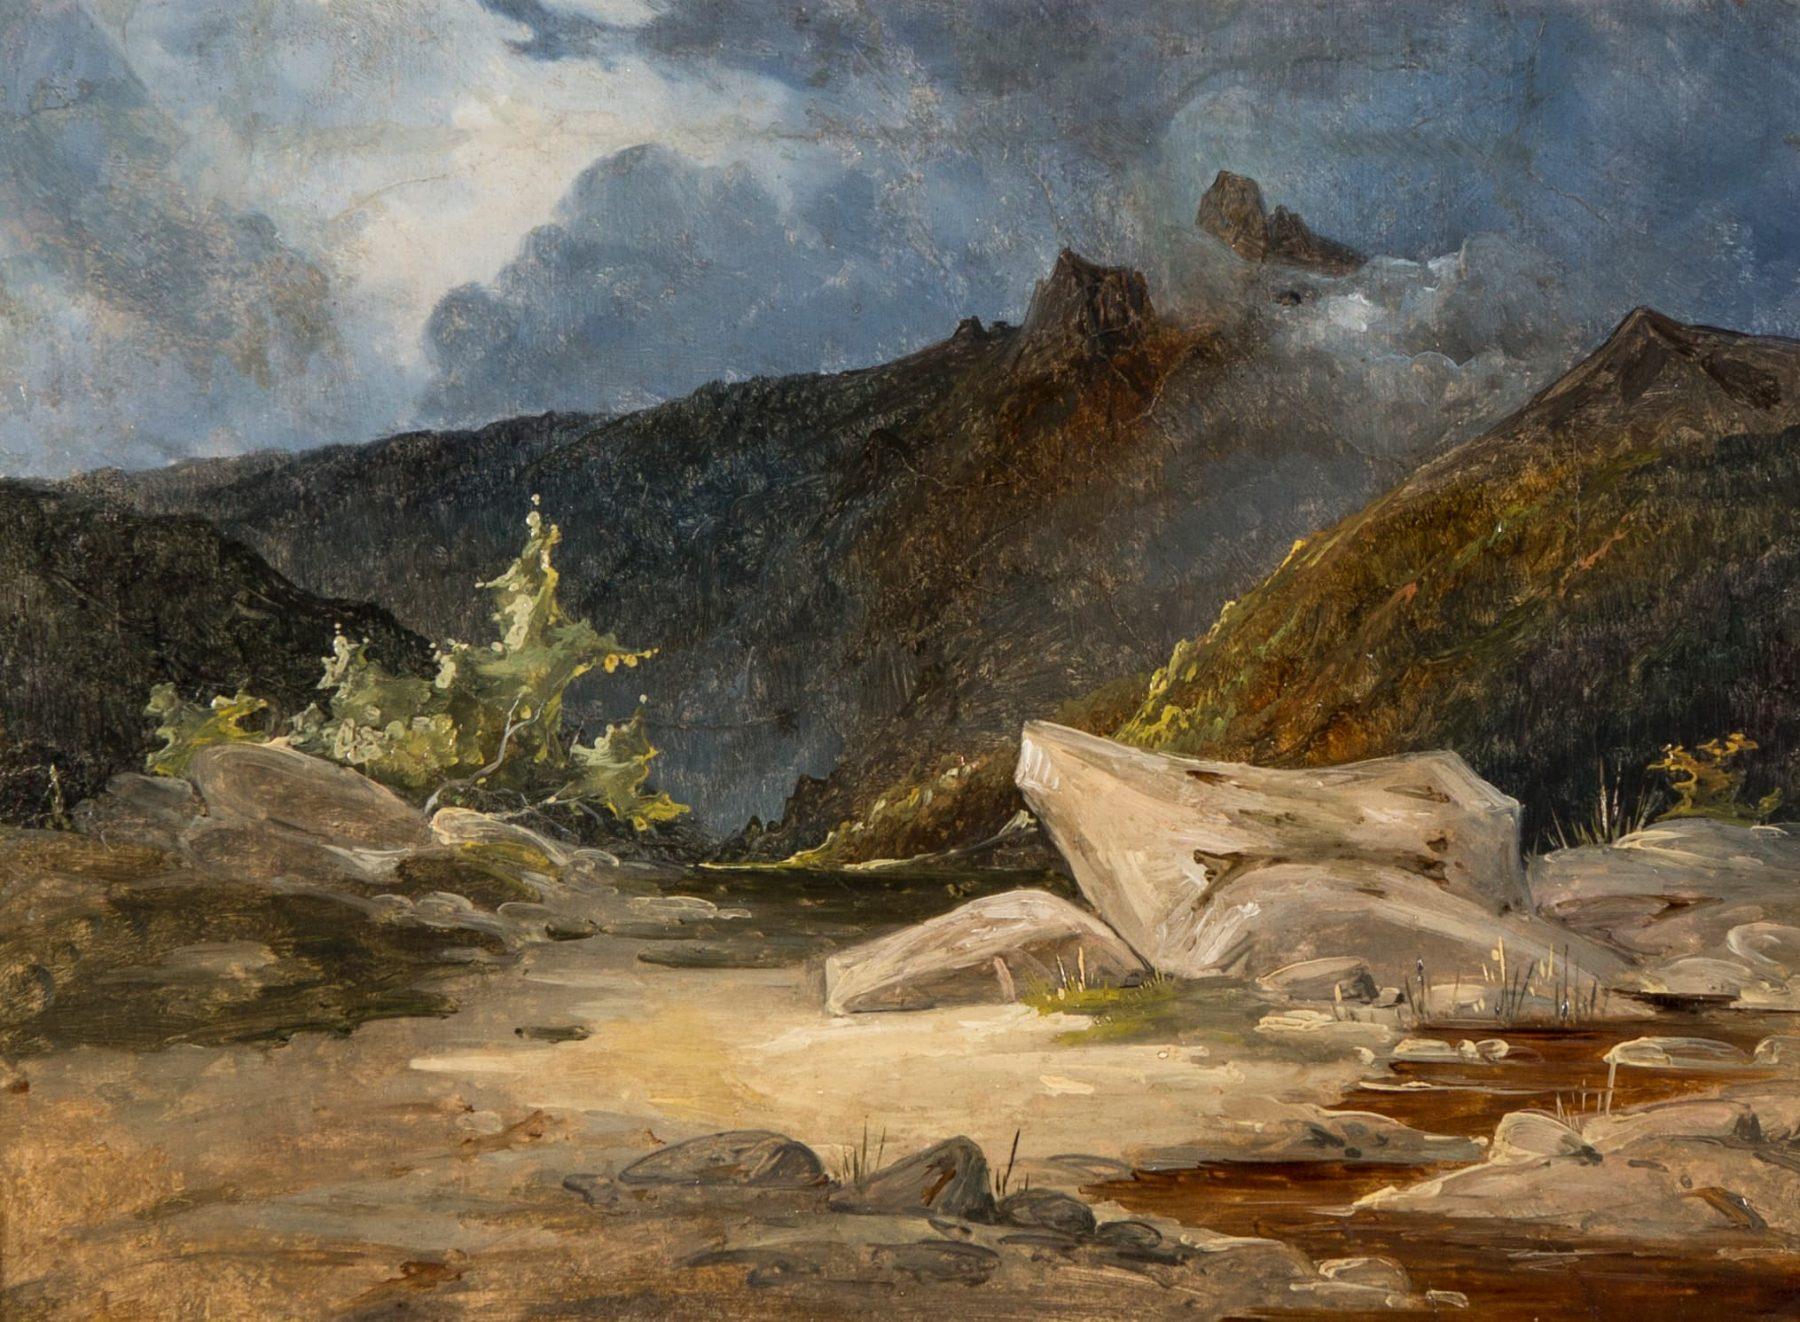 Eine hügelige Berglandschaft mit hellen Steinen im Vordergrund und einem dunklen Gebirge im Hintergrund.